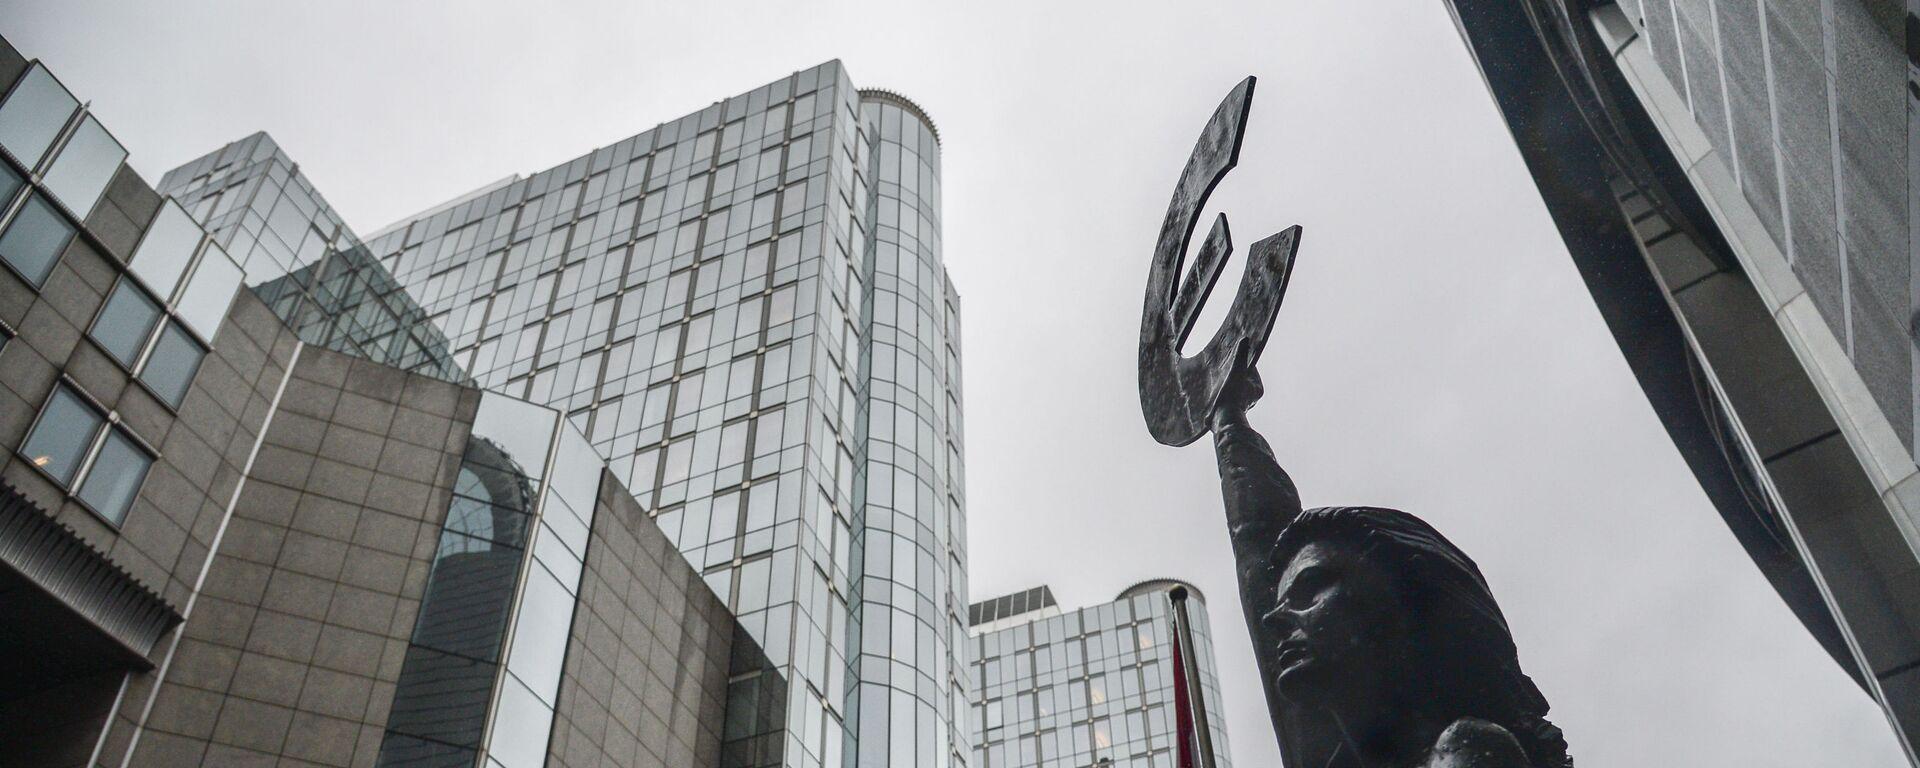 Budynek Parlamentu Europejskiego w Brukseli - Sputnik Polska, 1920, 18.06.2021